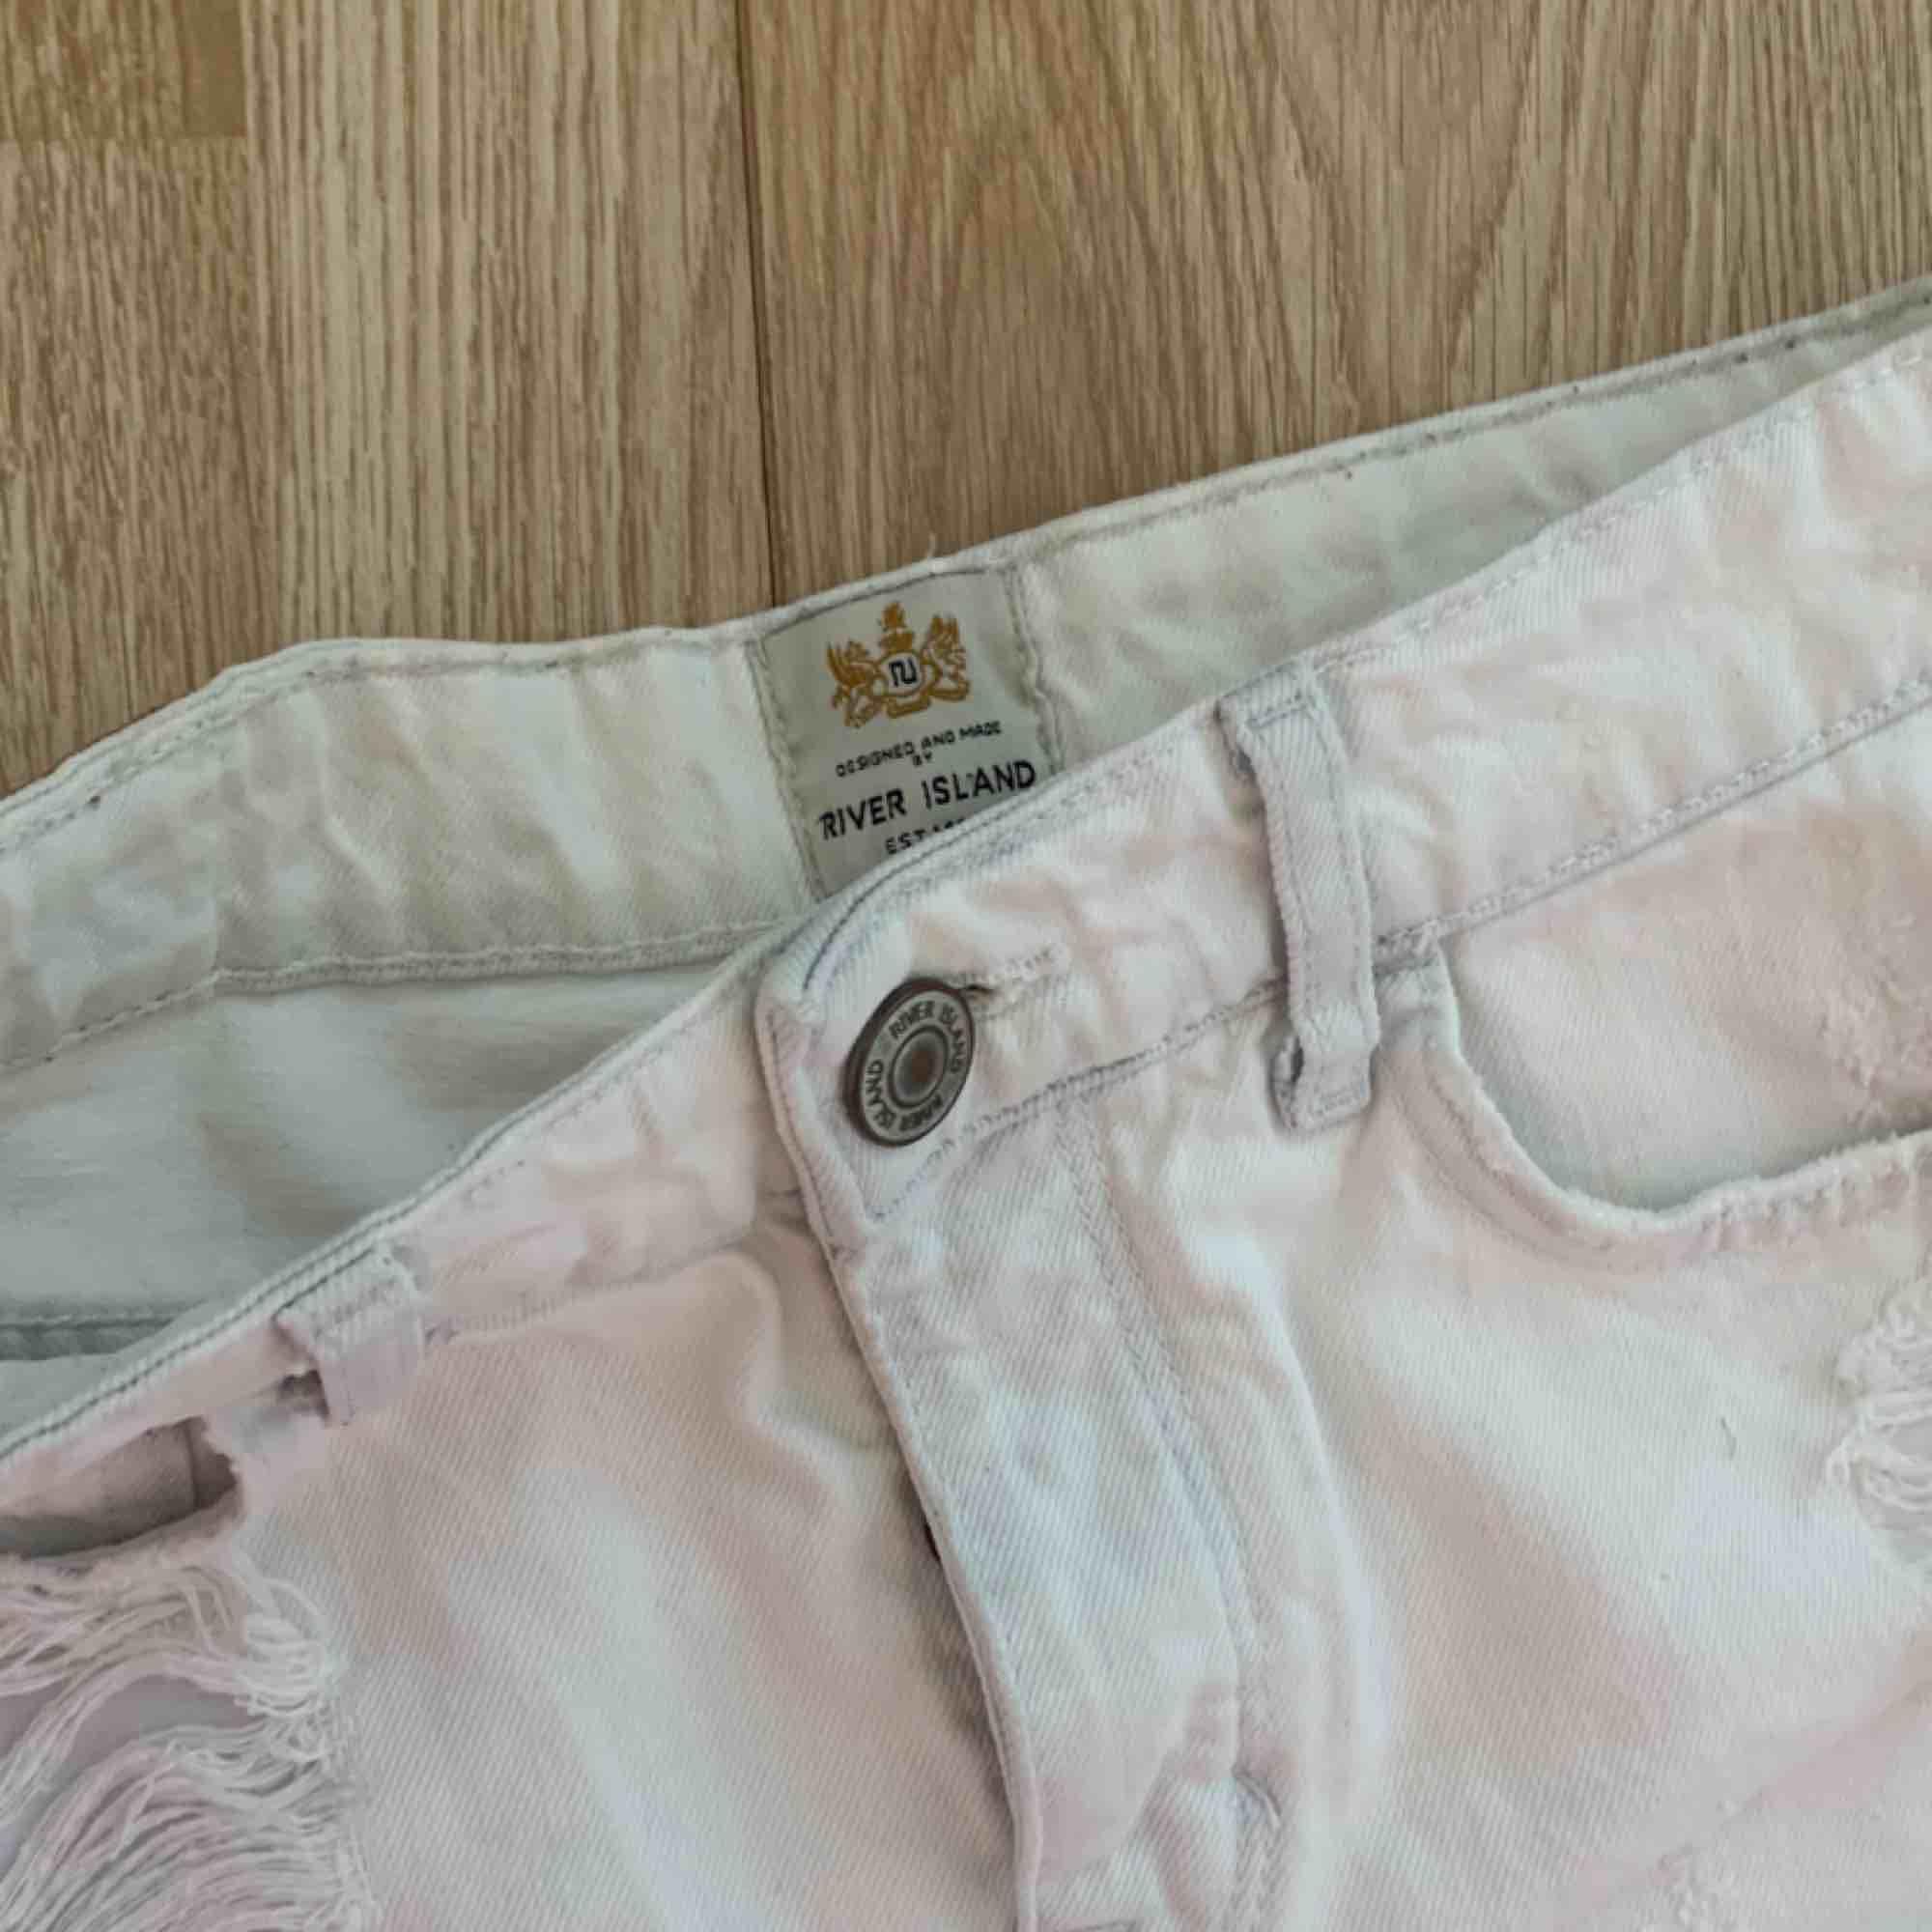 Supersnygga vita högmidjade korta ripped shorts från River Island, bra skick förutom småfläckar. Storlek 8 (36/S)  Möts upp i Stockholm eller fraktar. Frakt kostar 55kr extra, postar med videobevis/bildbevis. Jag garanterar en snabb pålitlig affär!✨. Shorts.